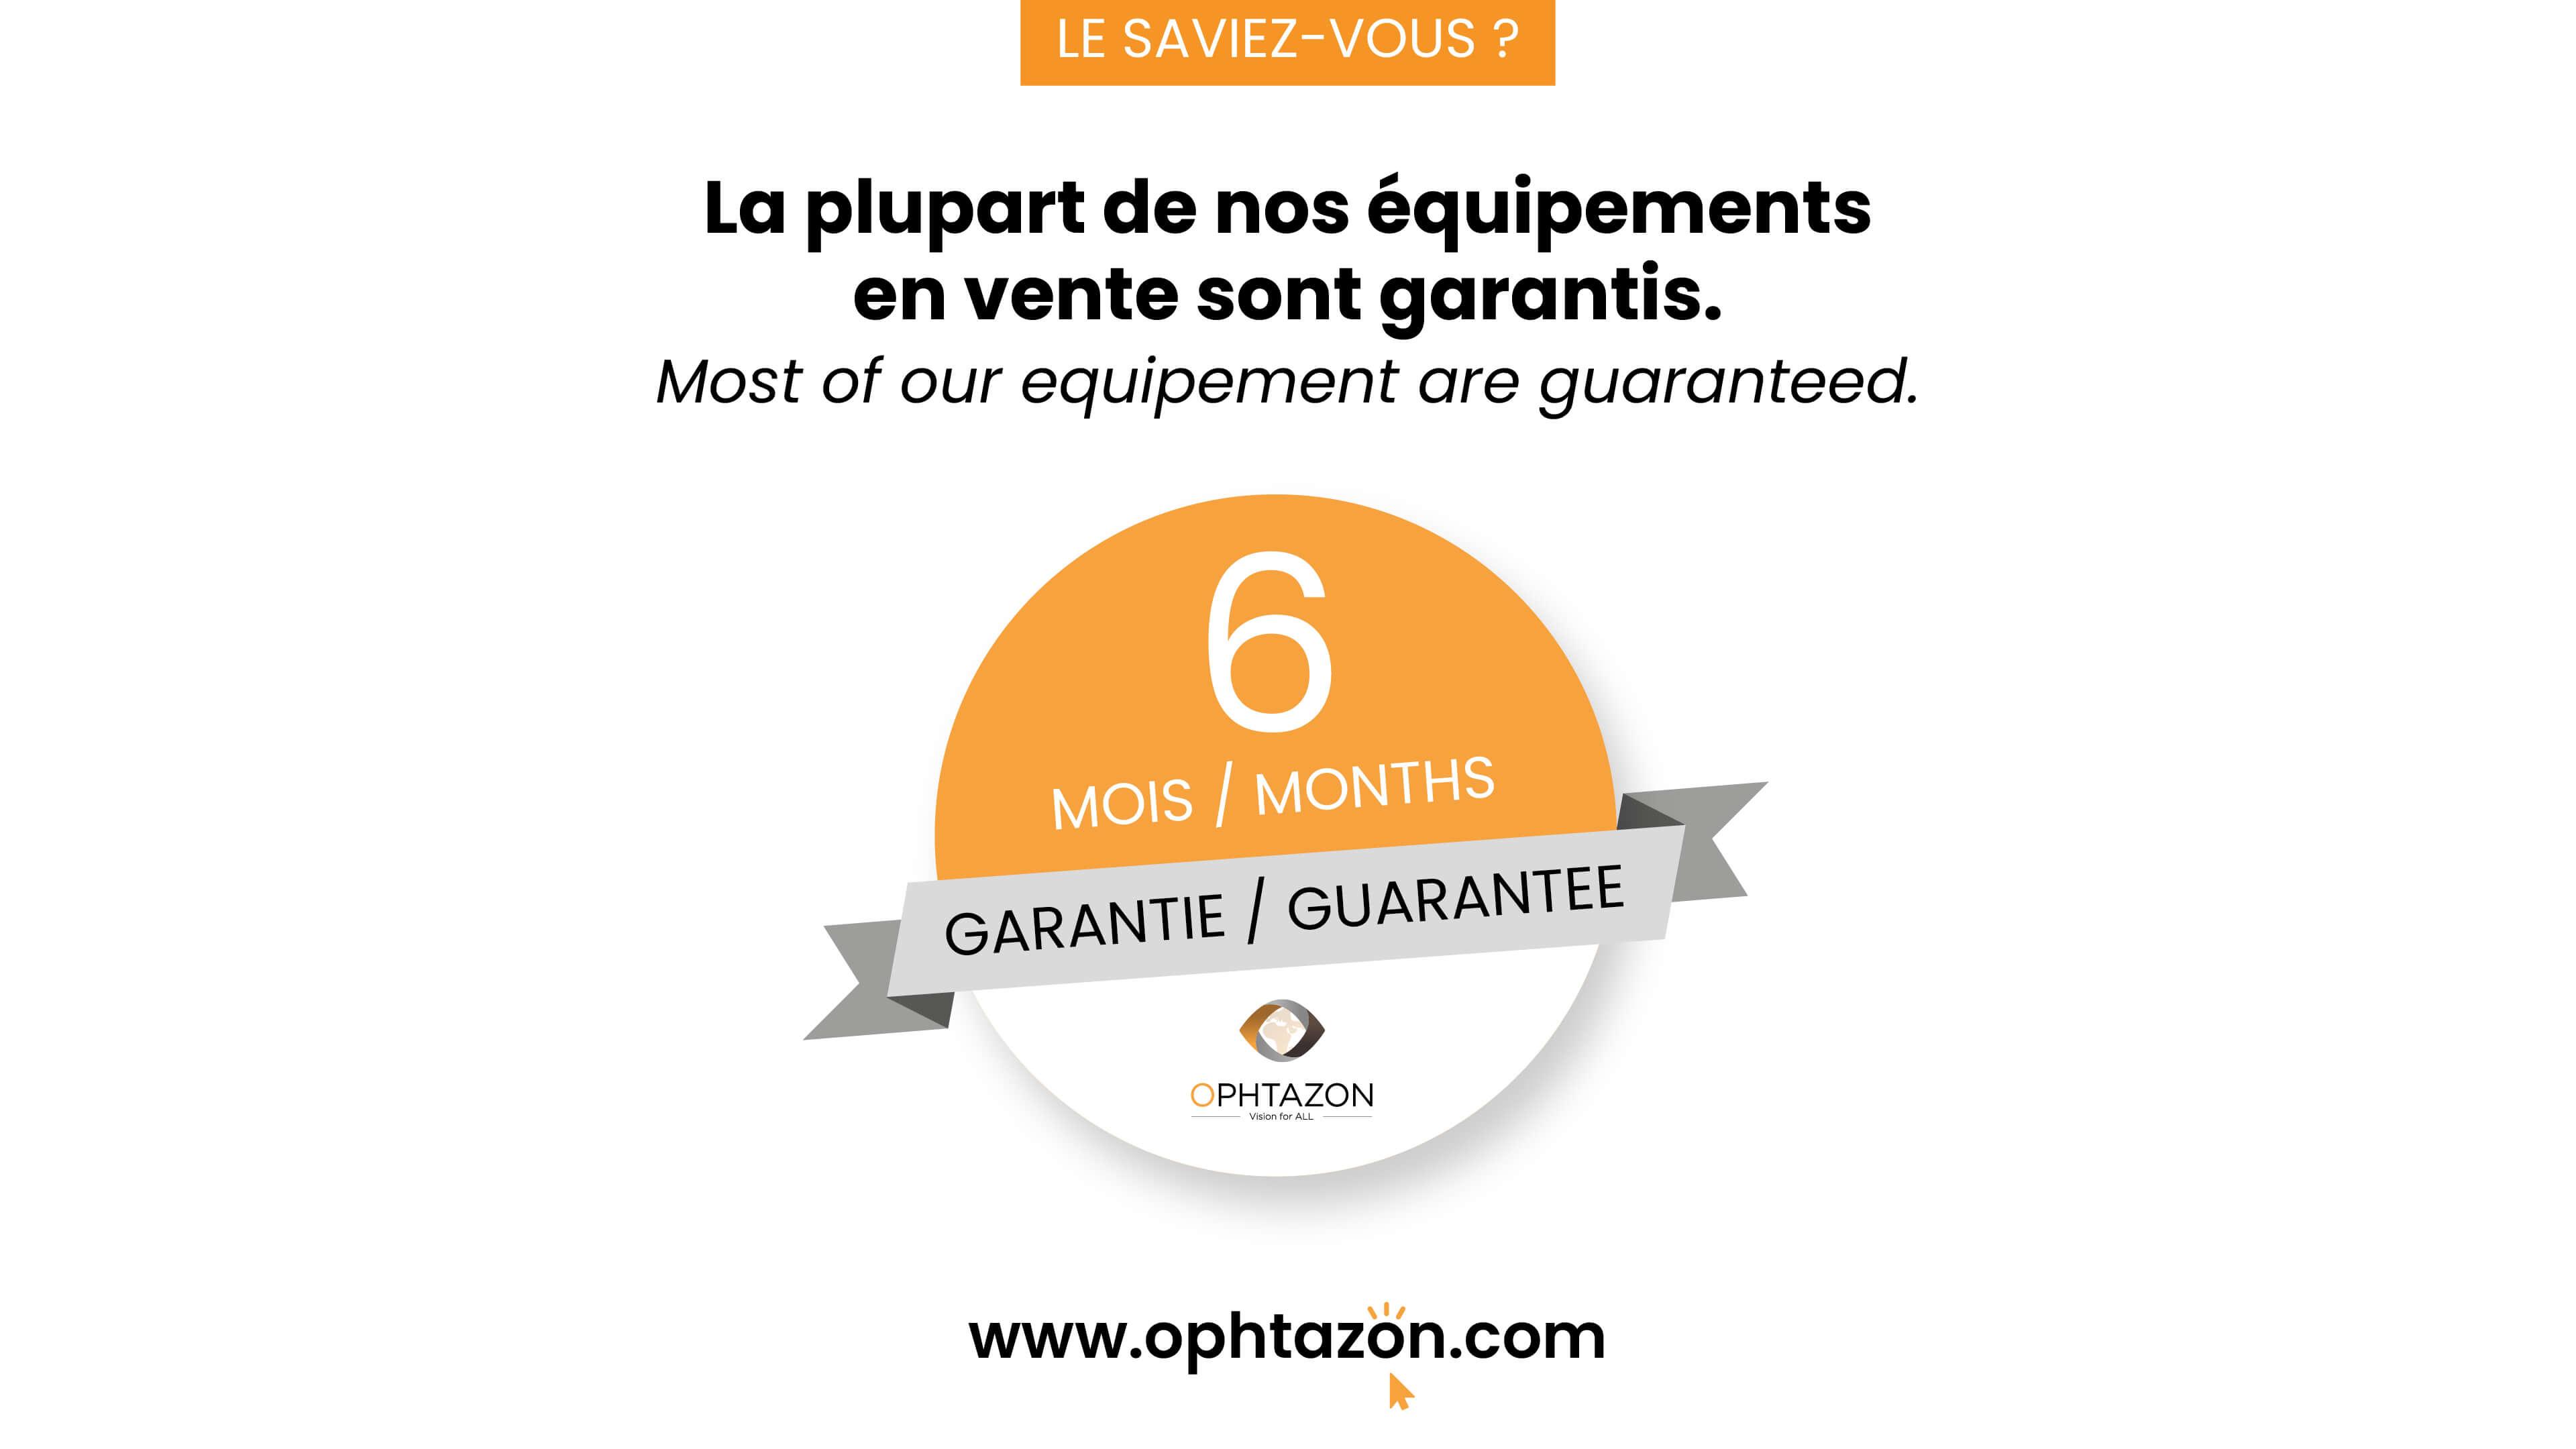 La garantie 6 mois